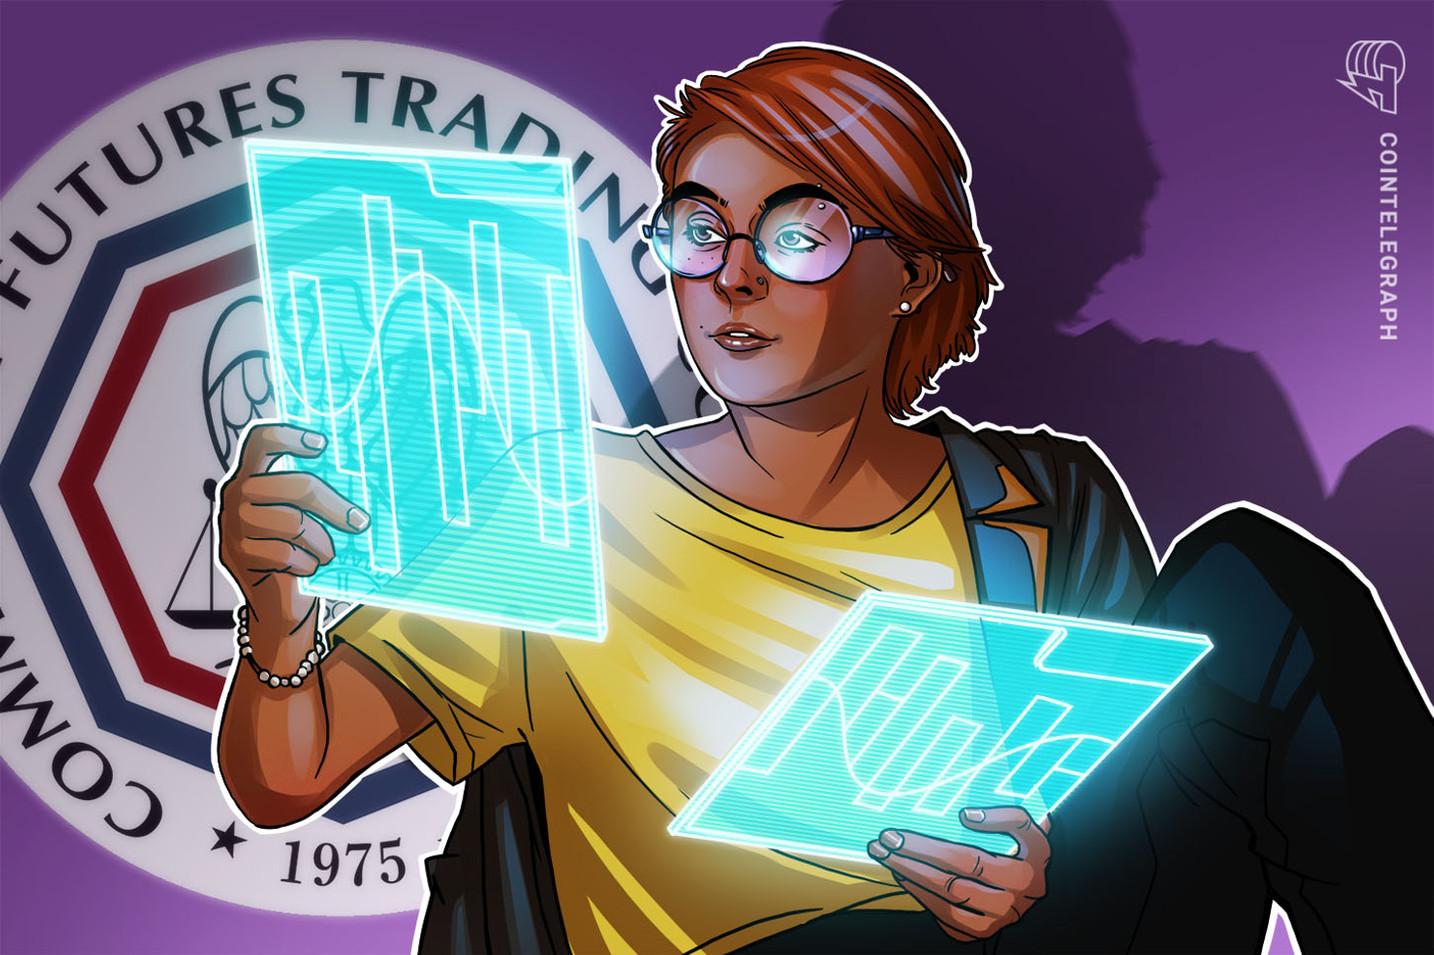 米CFTC、無登録で仮想通貨先物取引を行ったとしてライノグループを告発